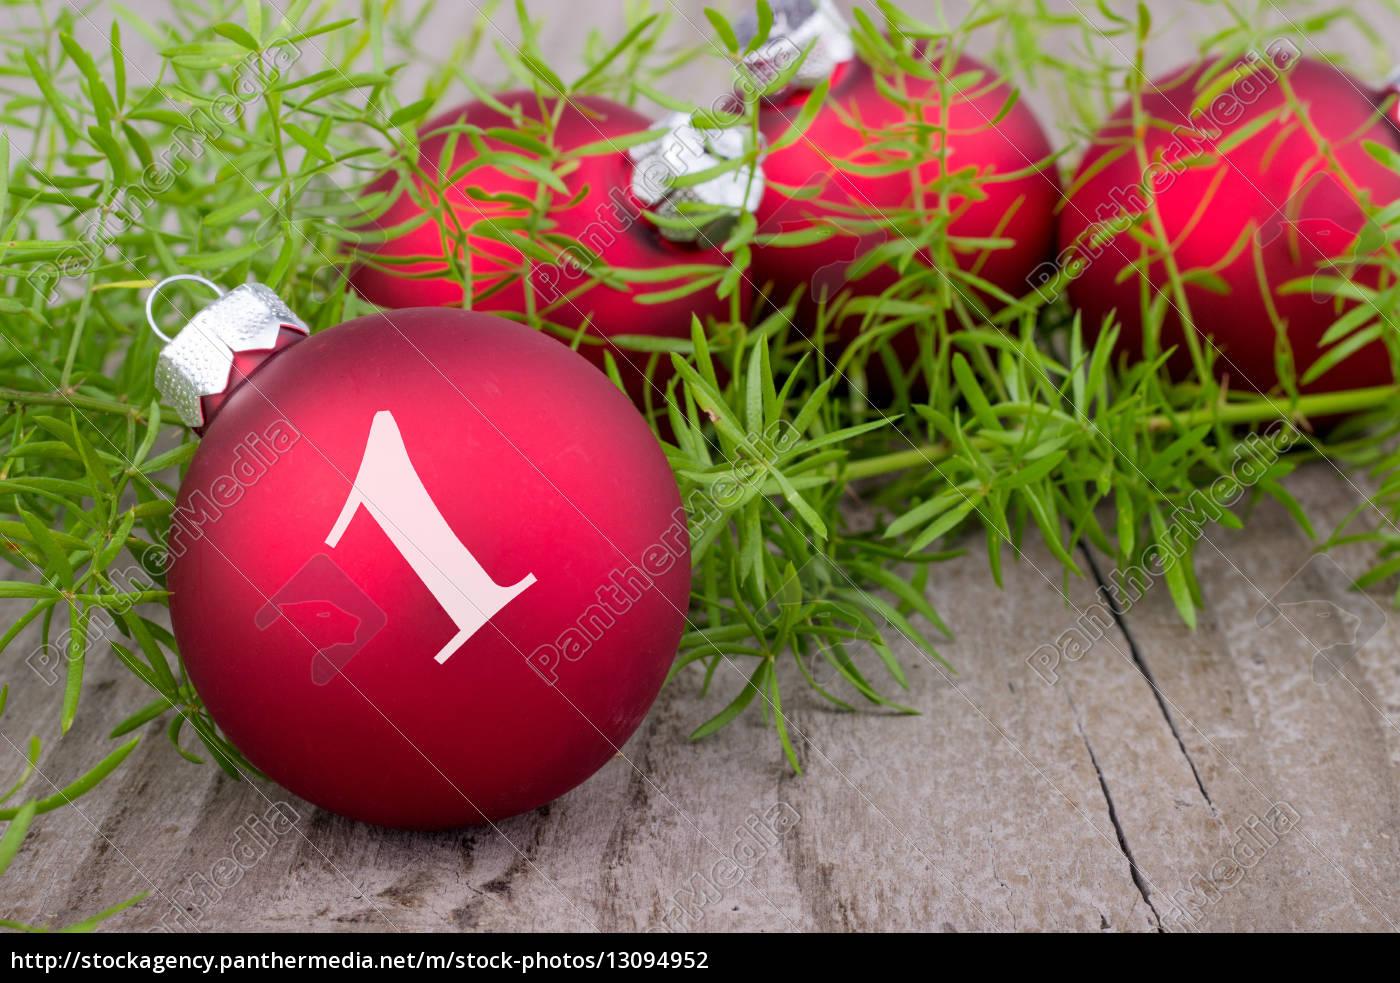 tafel, winter, holz, advent, vorweihnachtszeit, eine - 13094952